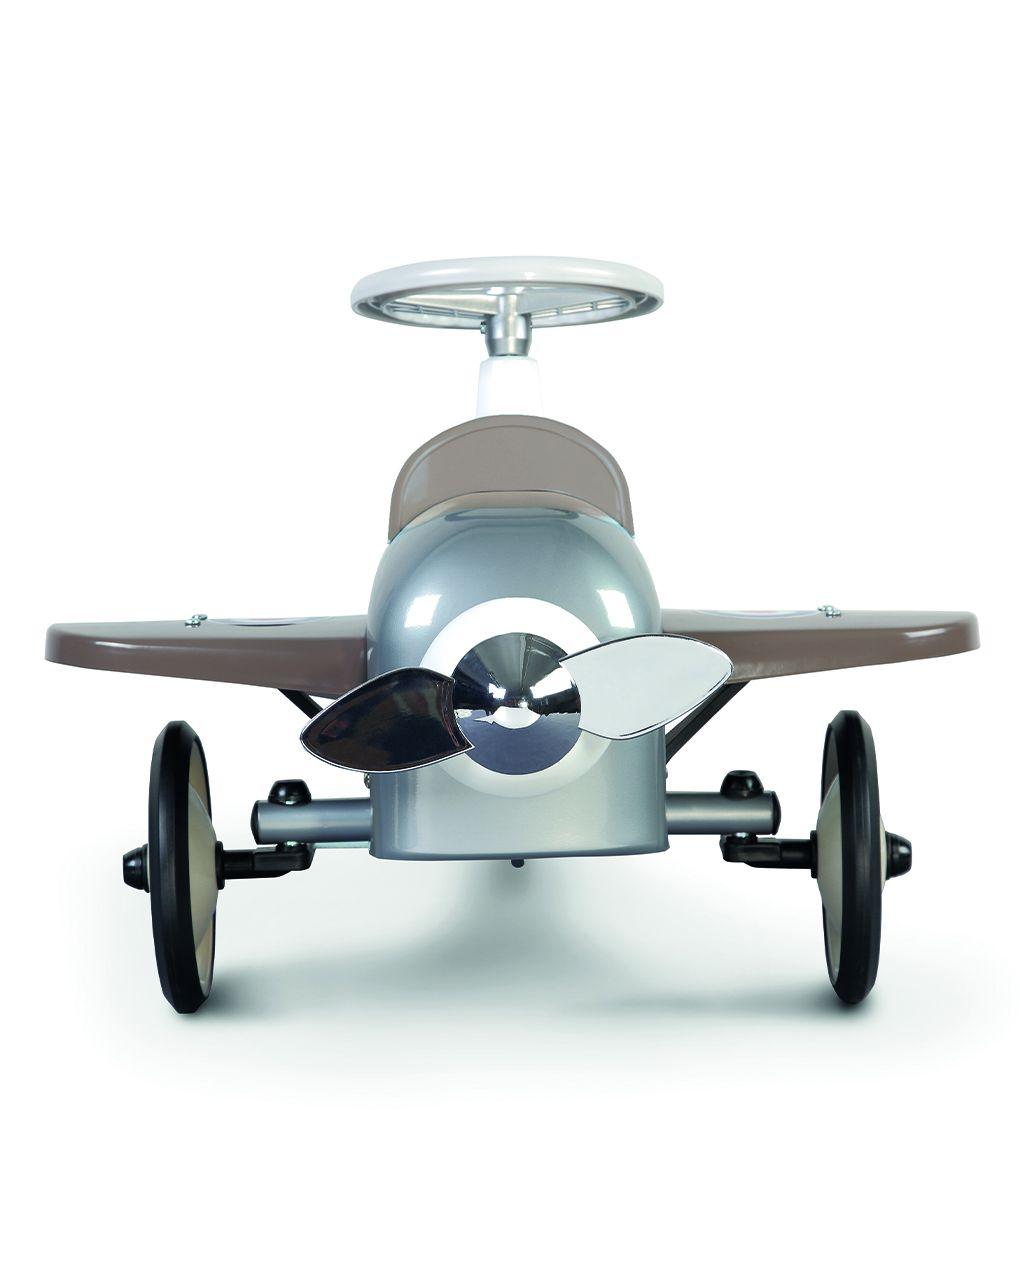 Baghera - speedster plane - Baghera